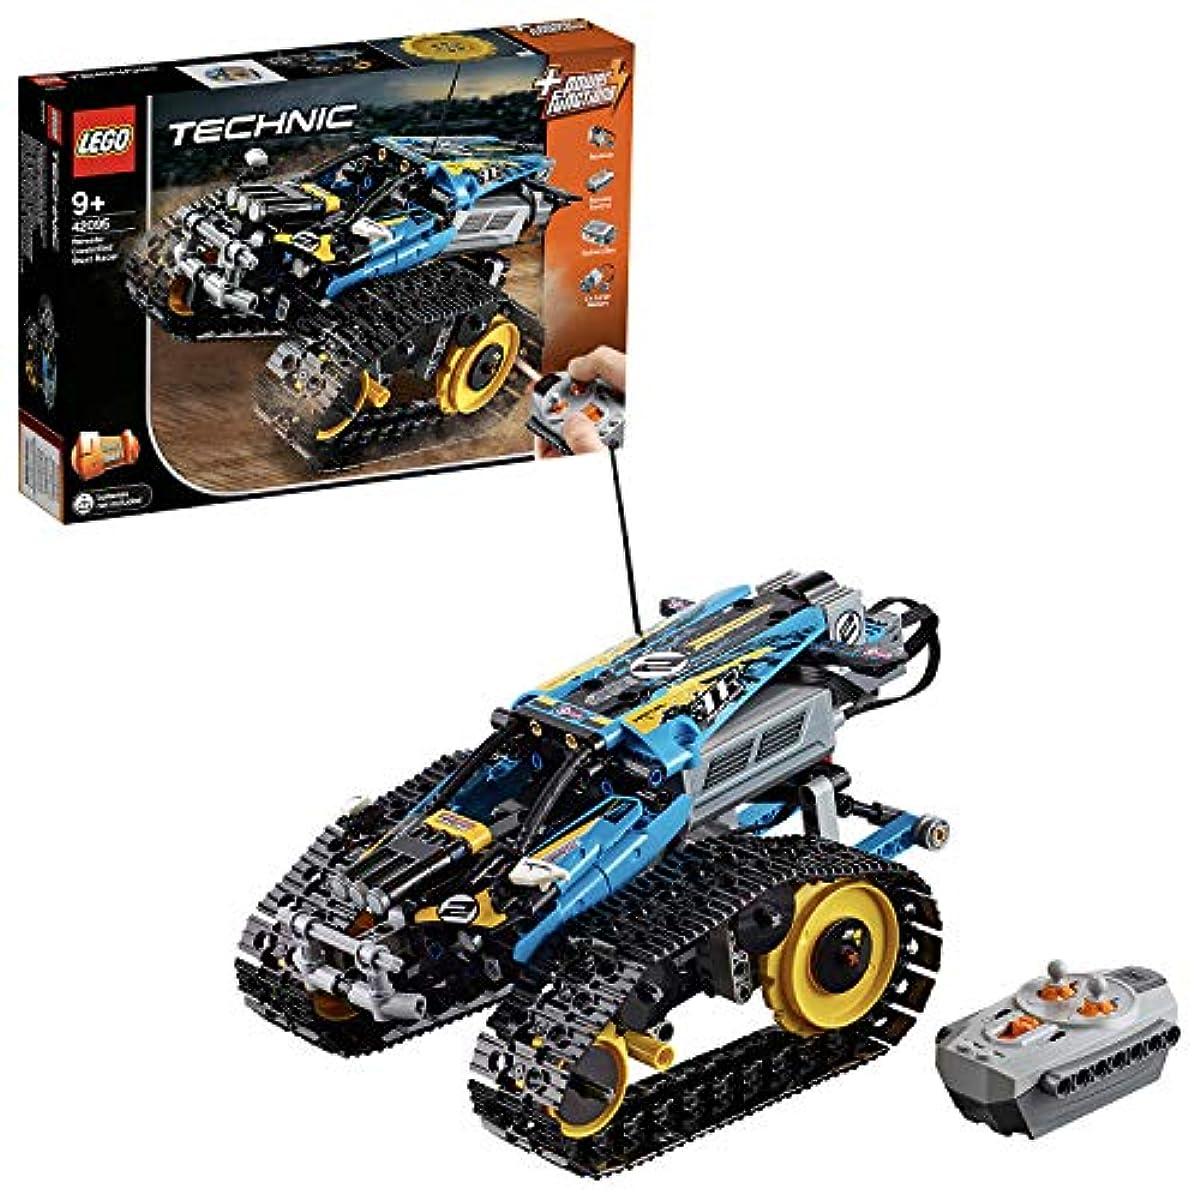 [해외] 레고(LEGO) 테크닉 RC 스턴트 레이서 42095 교육 완구 블럭 장난감 사내 아이